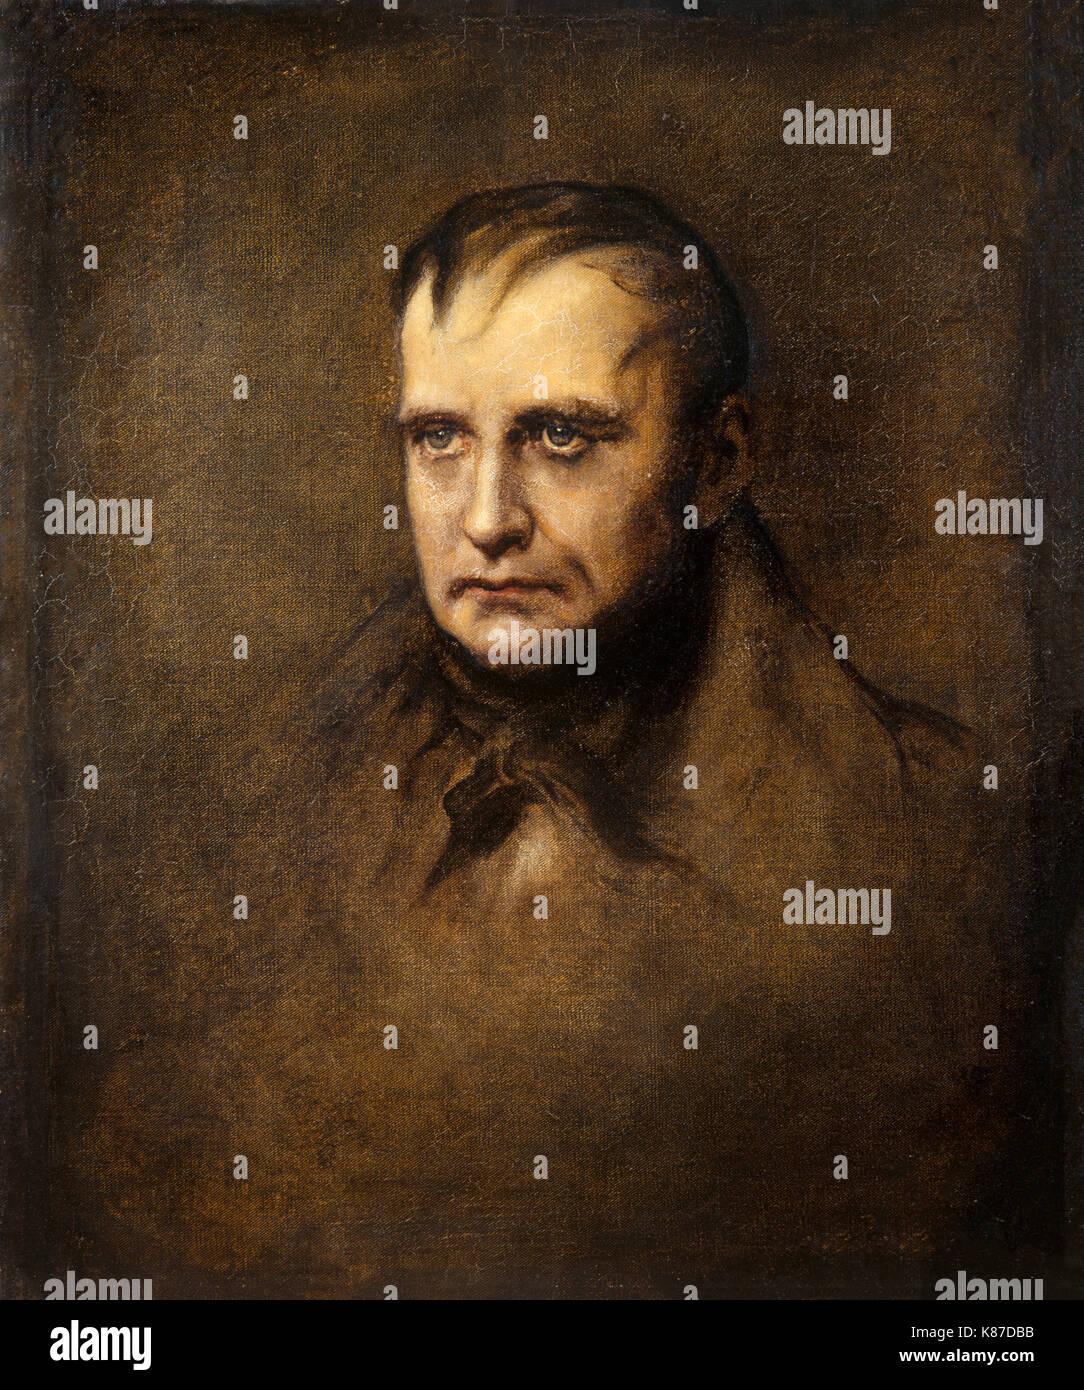 L'Athenaeum - St Helena, la dernière phase (James Sant) Portrait de Napoléon - dernier portrait de Napoléon Bonaparte Photo Stock